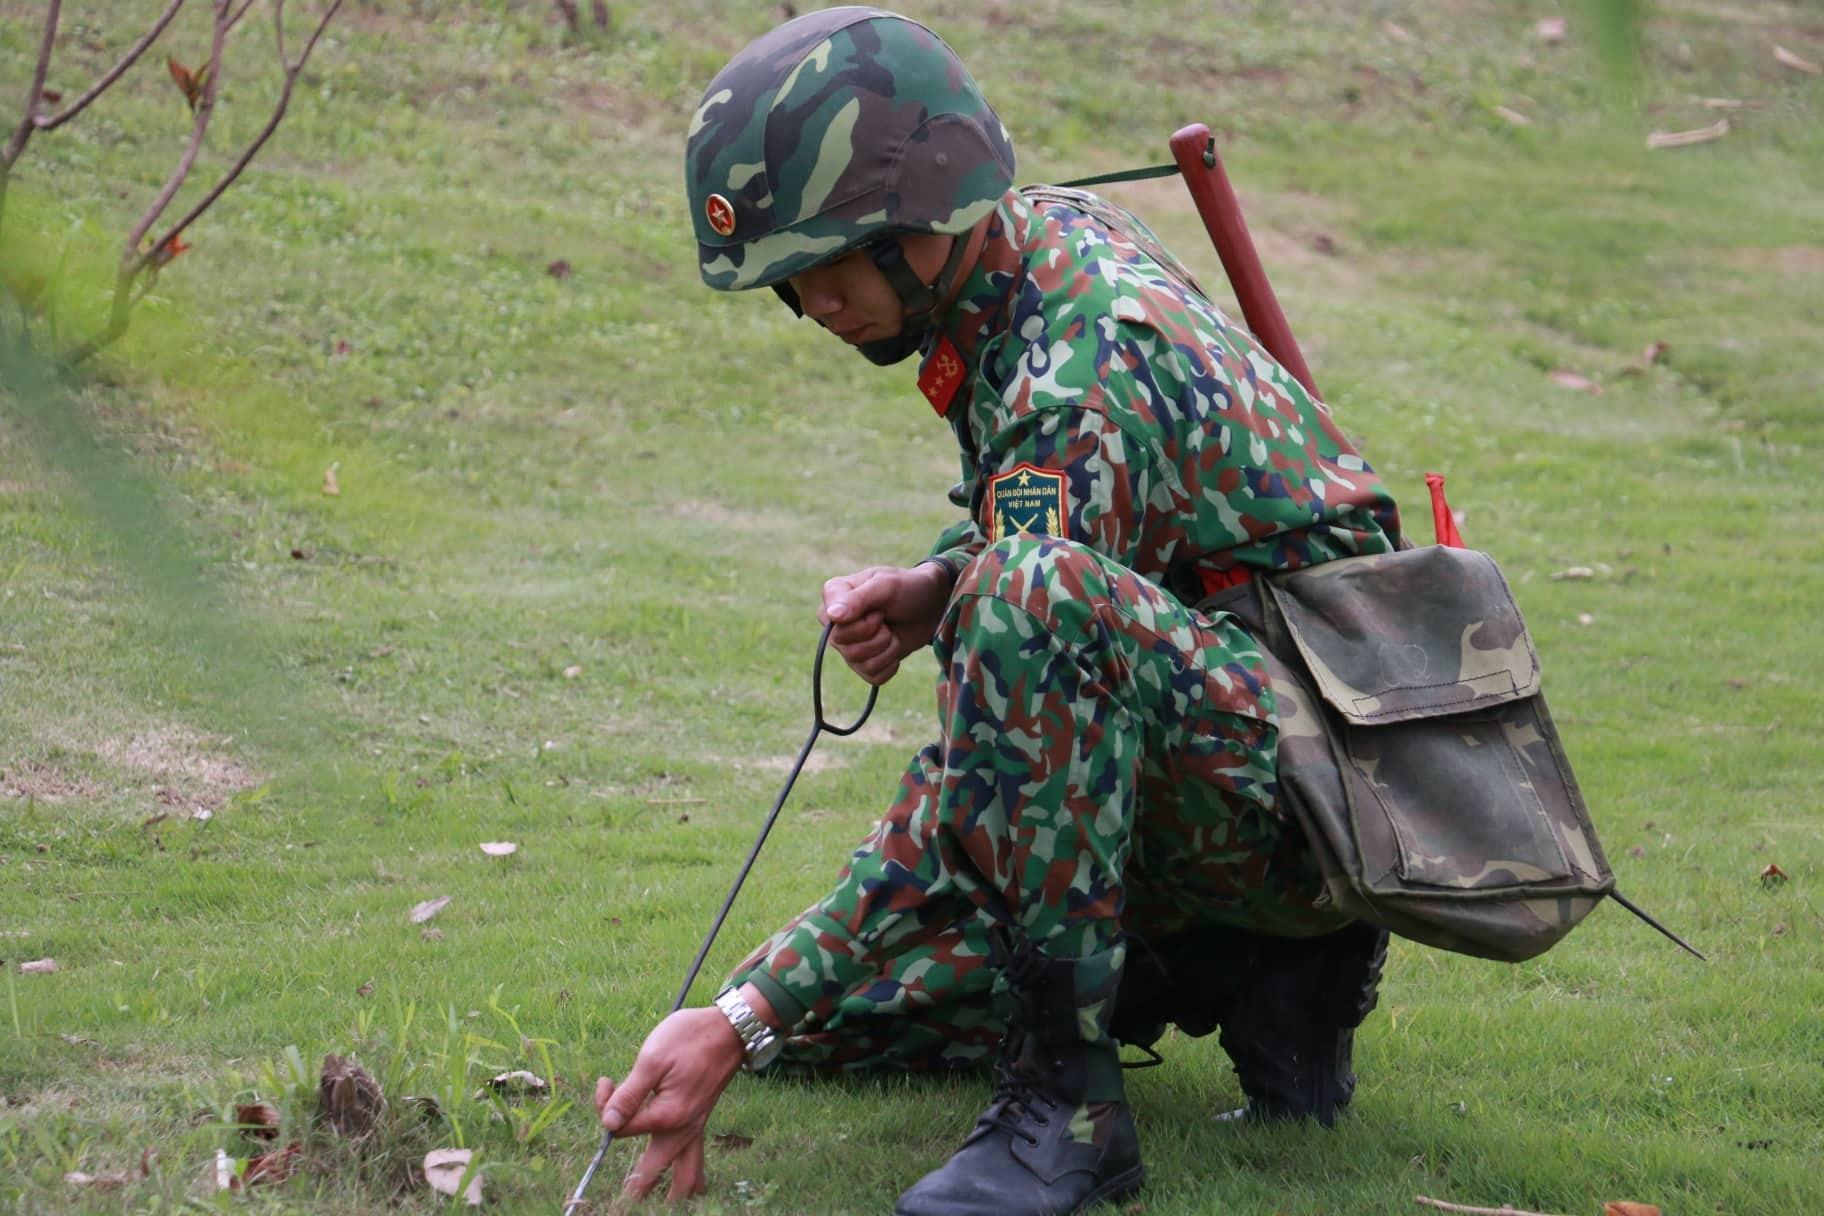 Công binh dò mìn gốc cây, mô đất quanh khách sạn từng đón Tổng thống Trump